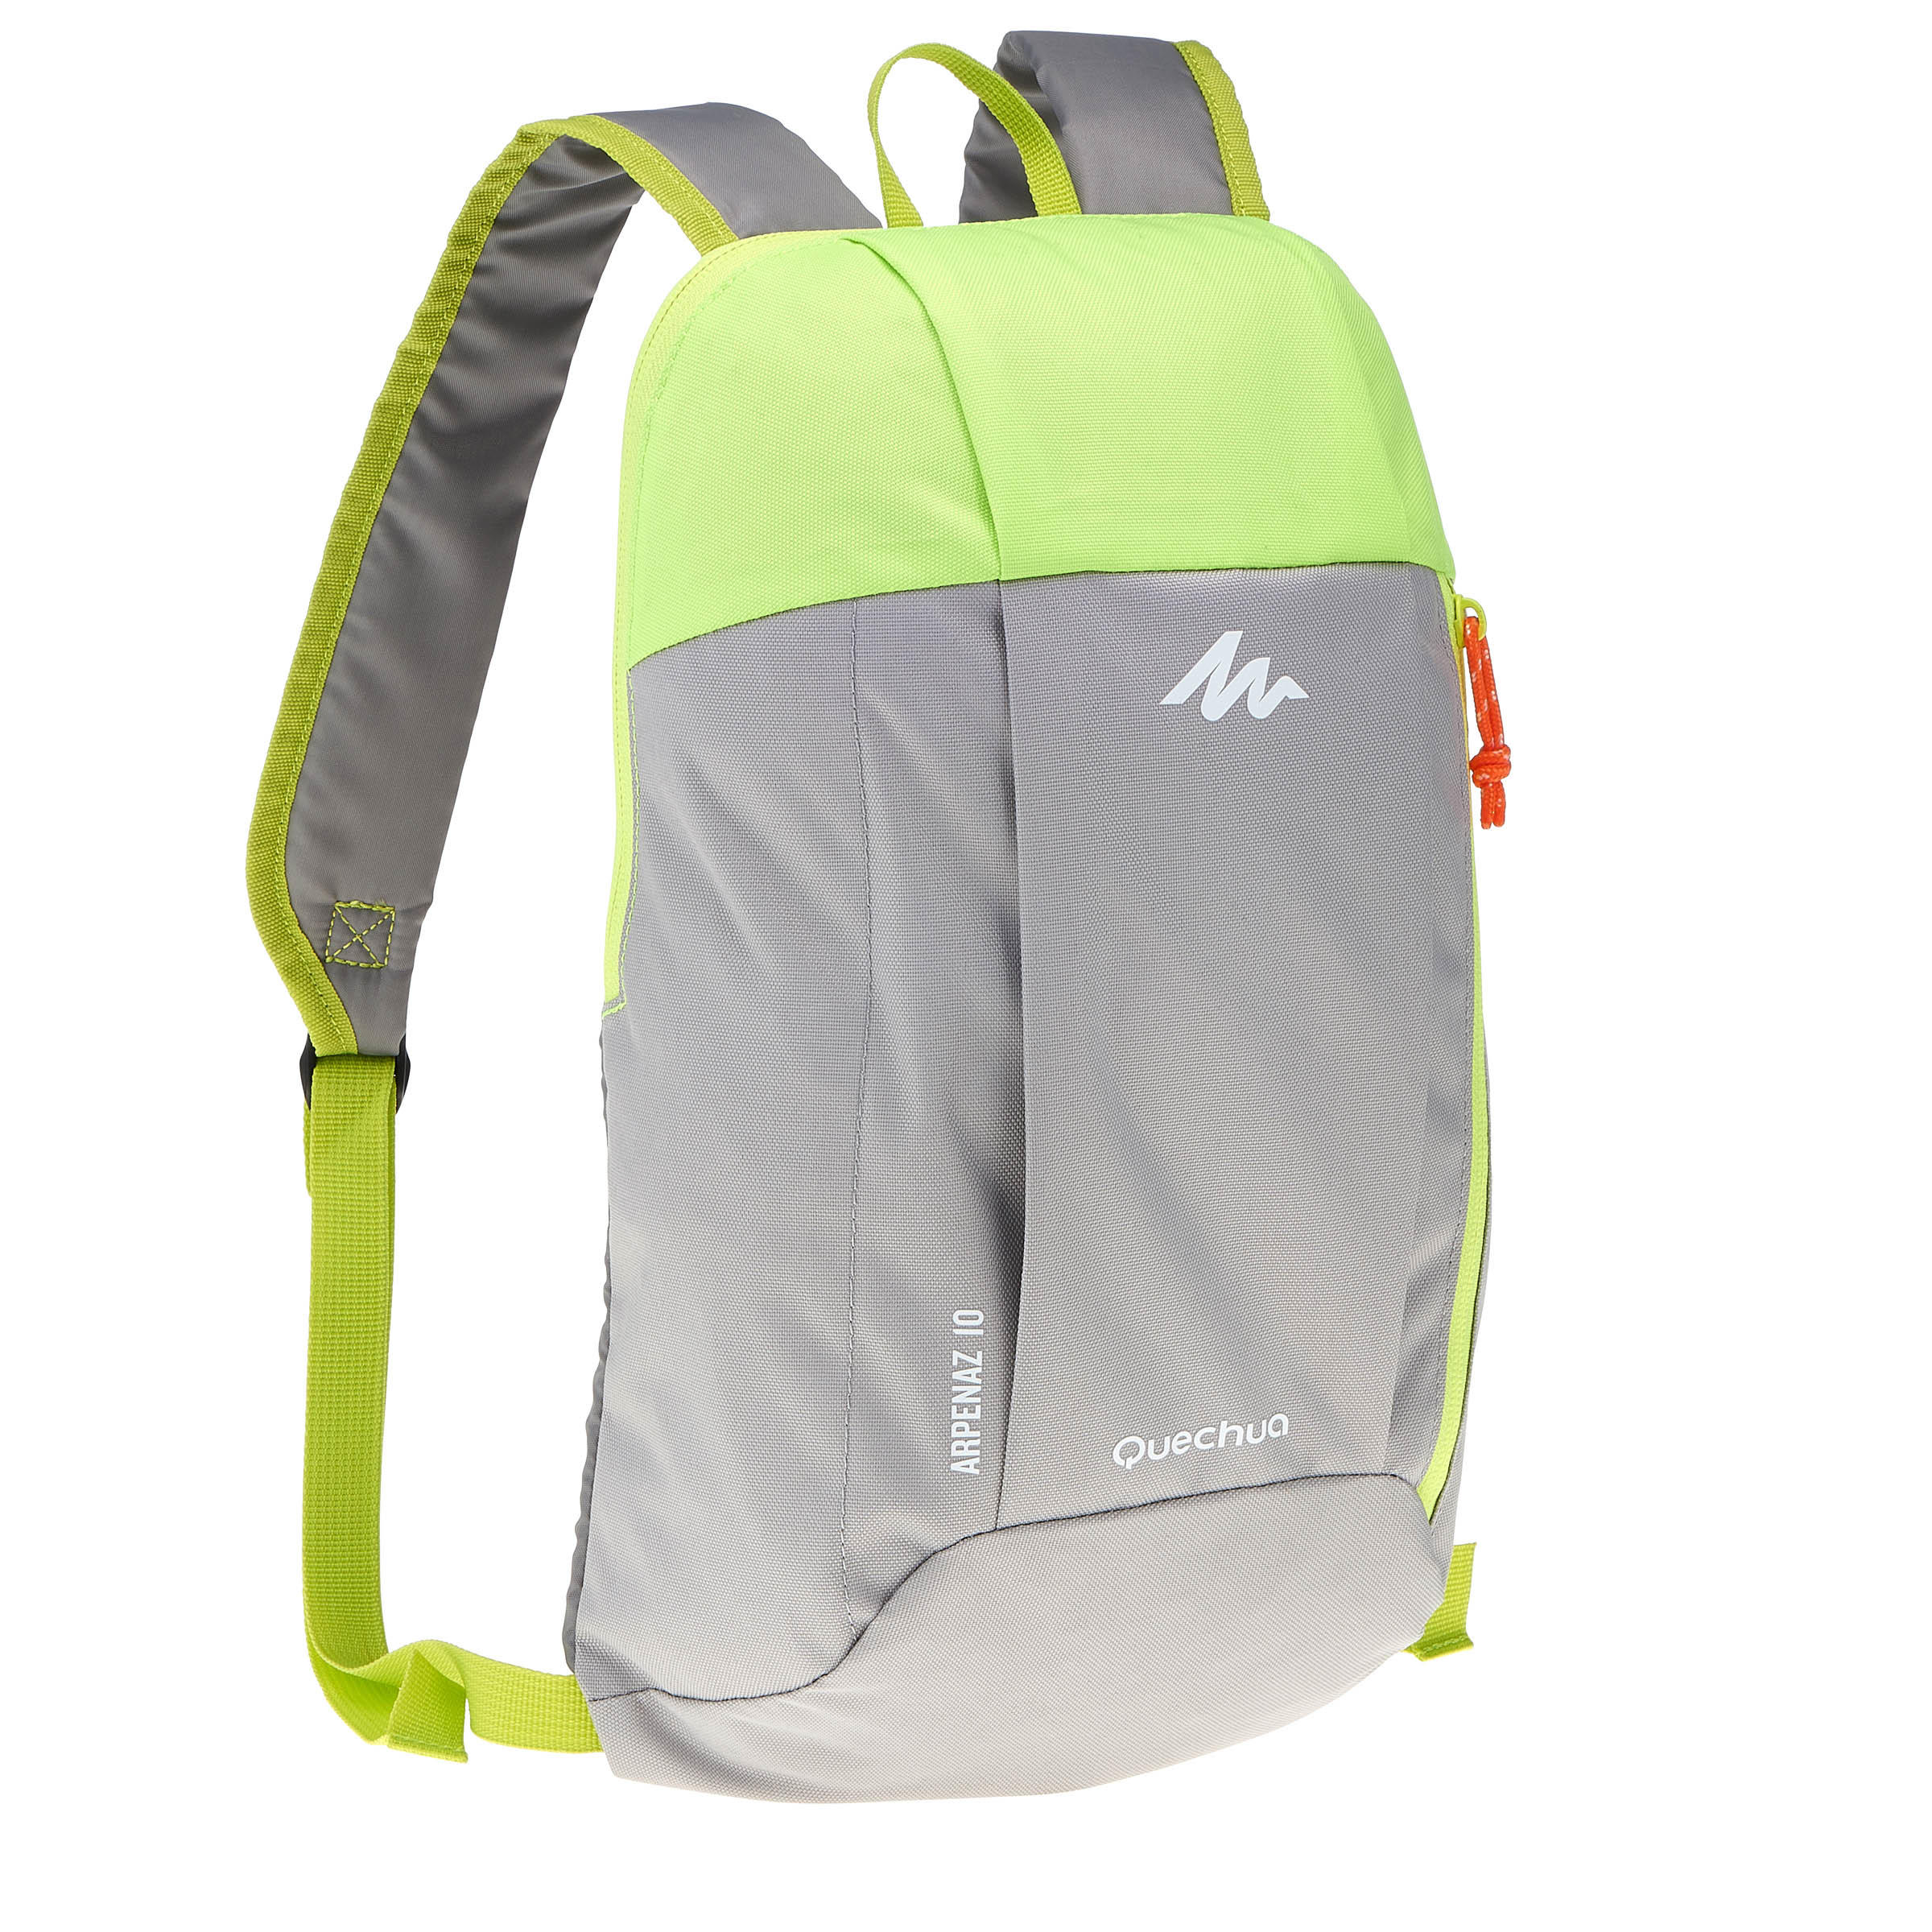 Arpenaz 10 L Day Hiking Backpack - Abu-abu dan Hijau